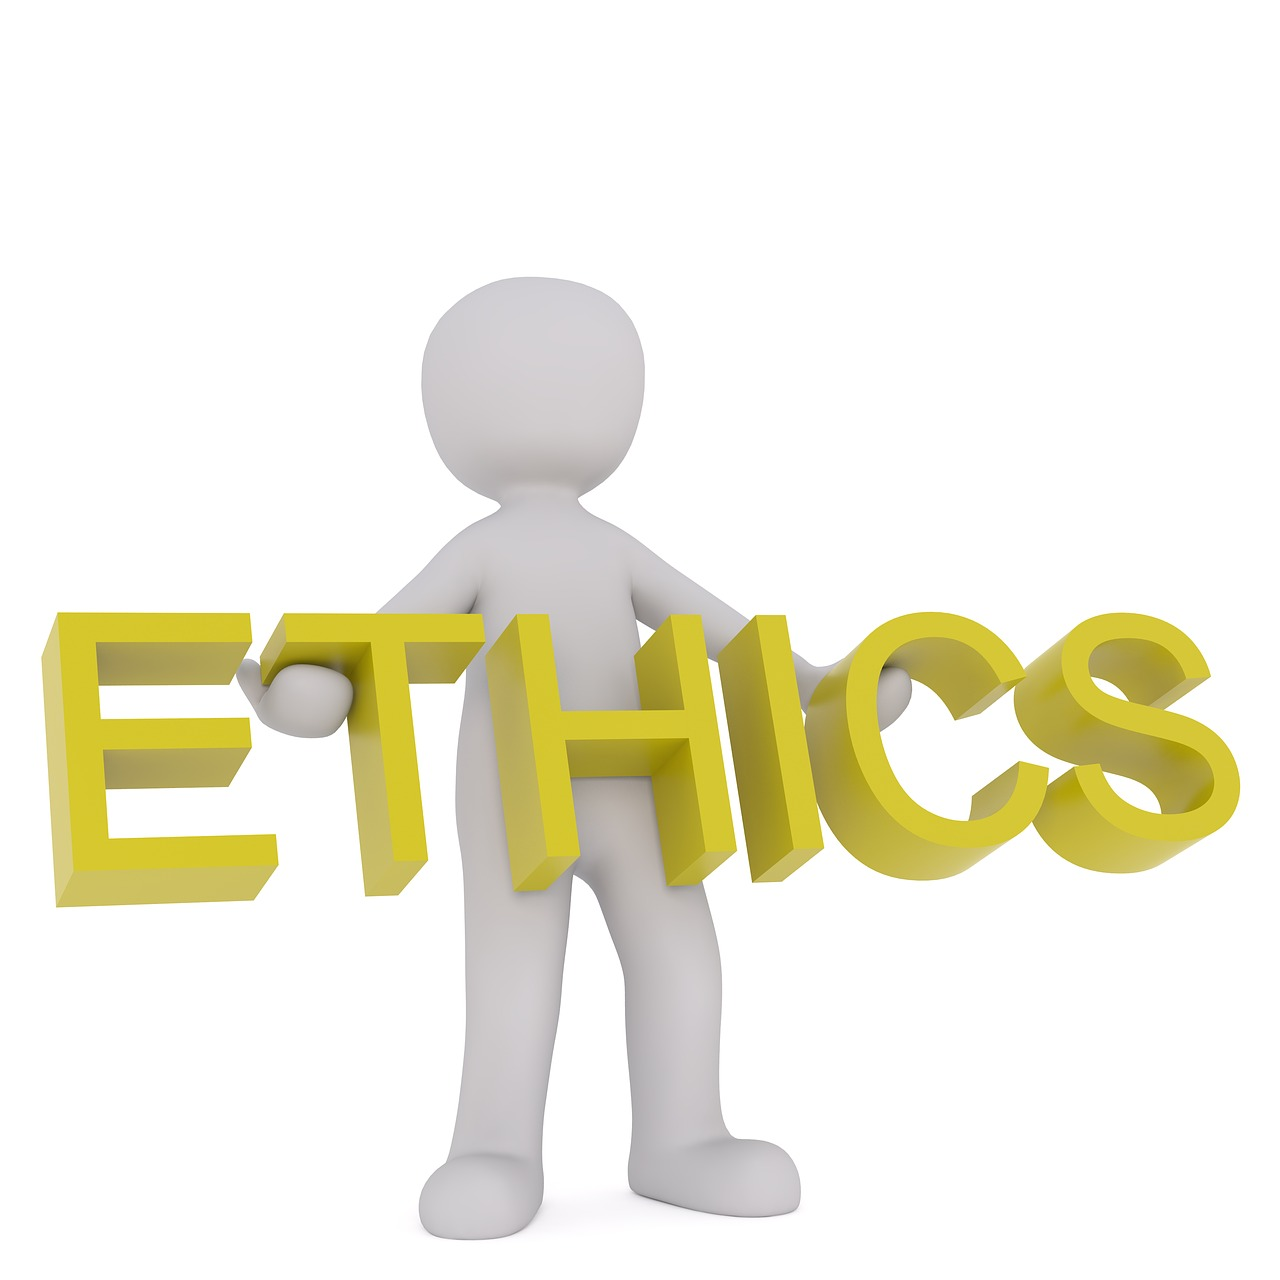 Szaszian Ethics DAO